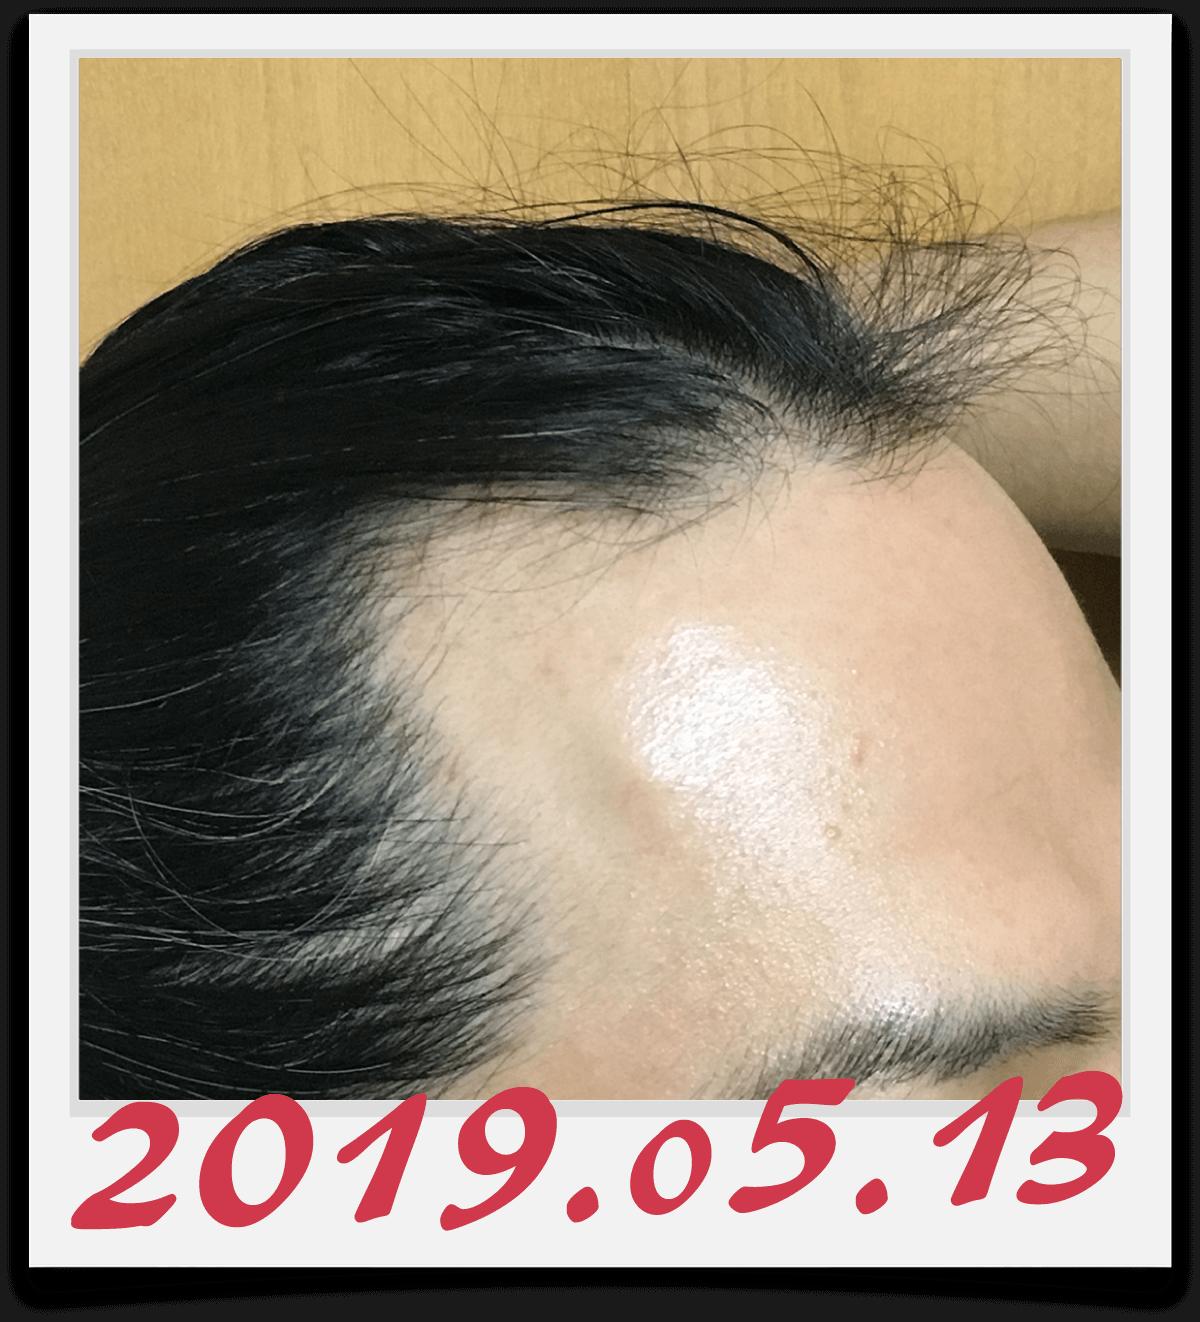 2019年5月13日に撮影した右側の生え際